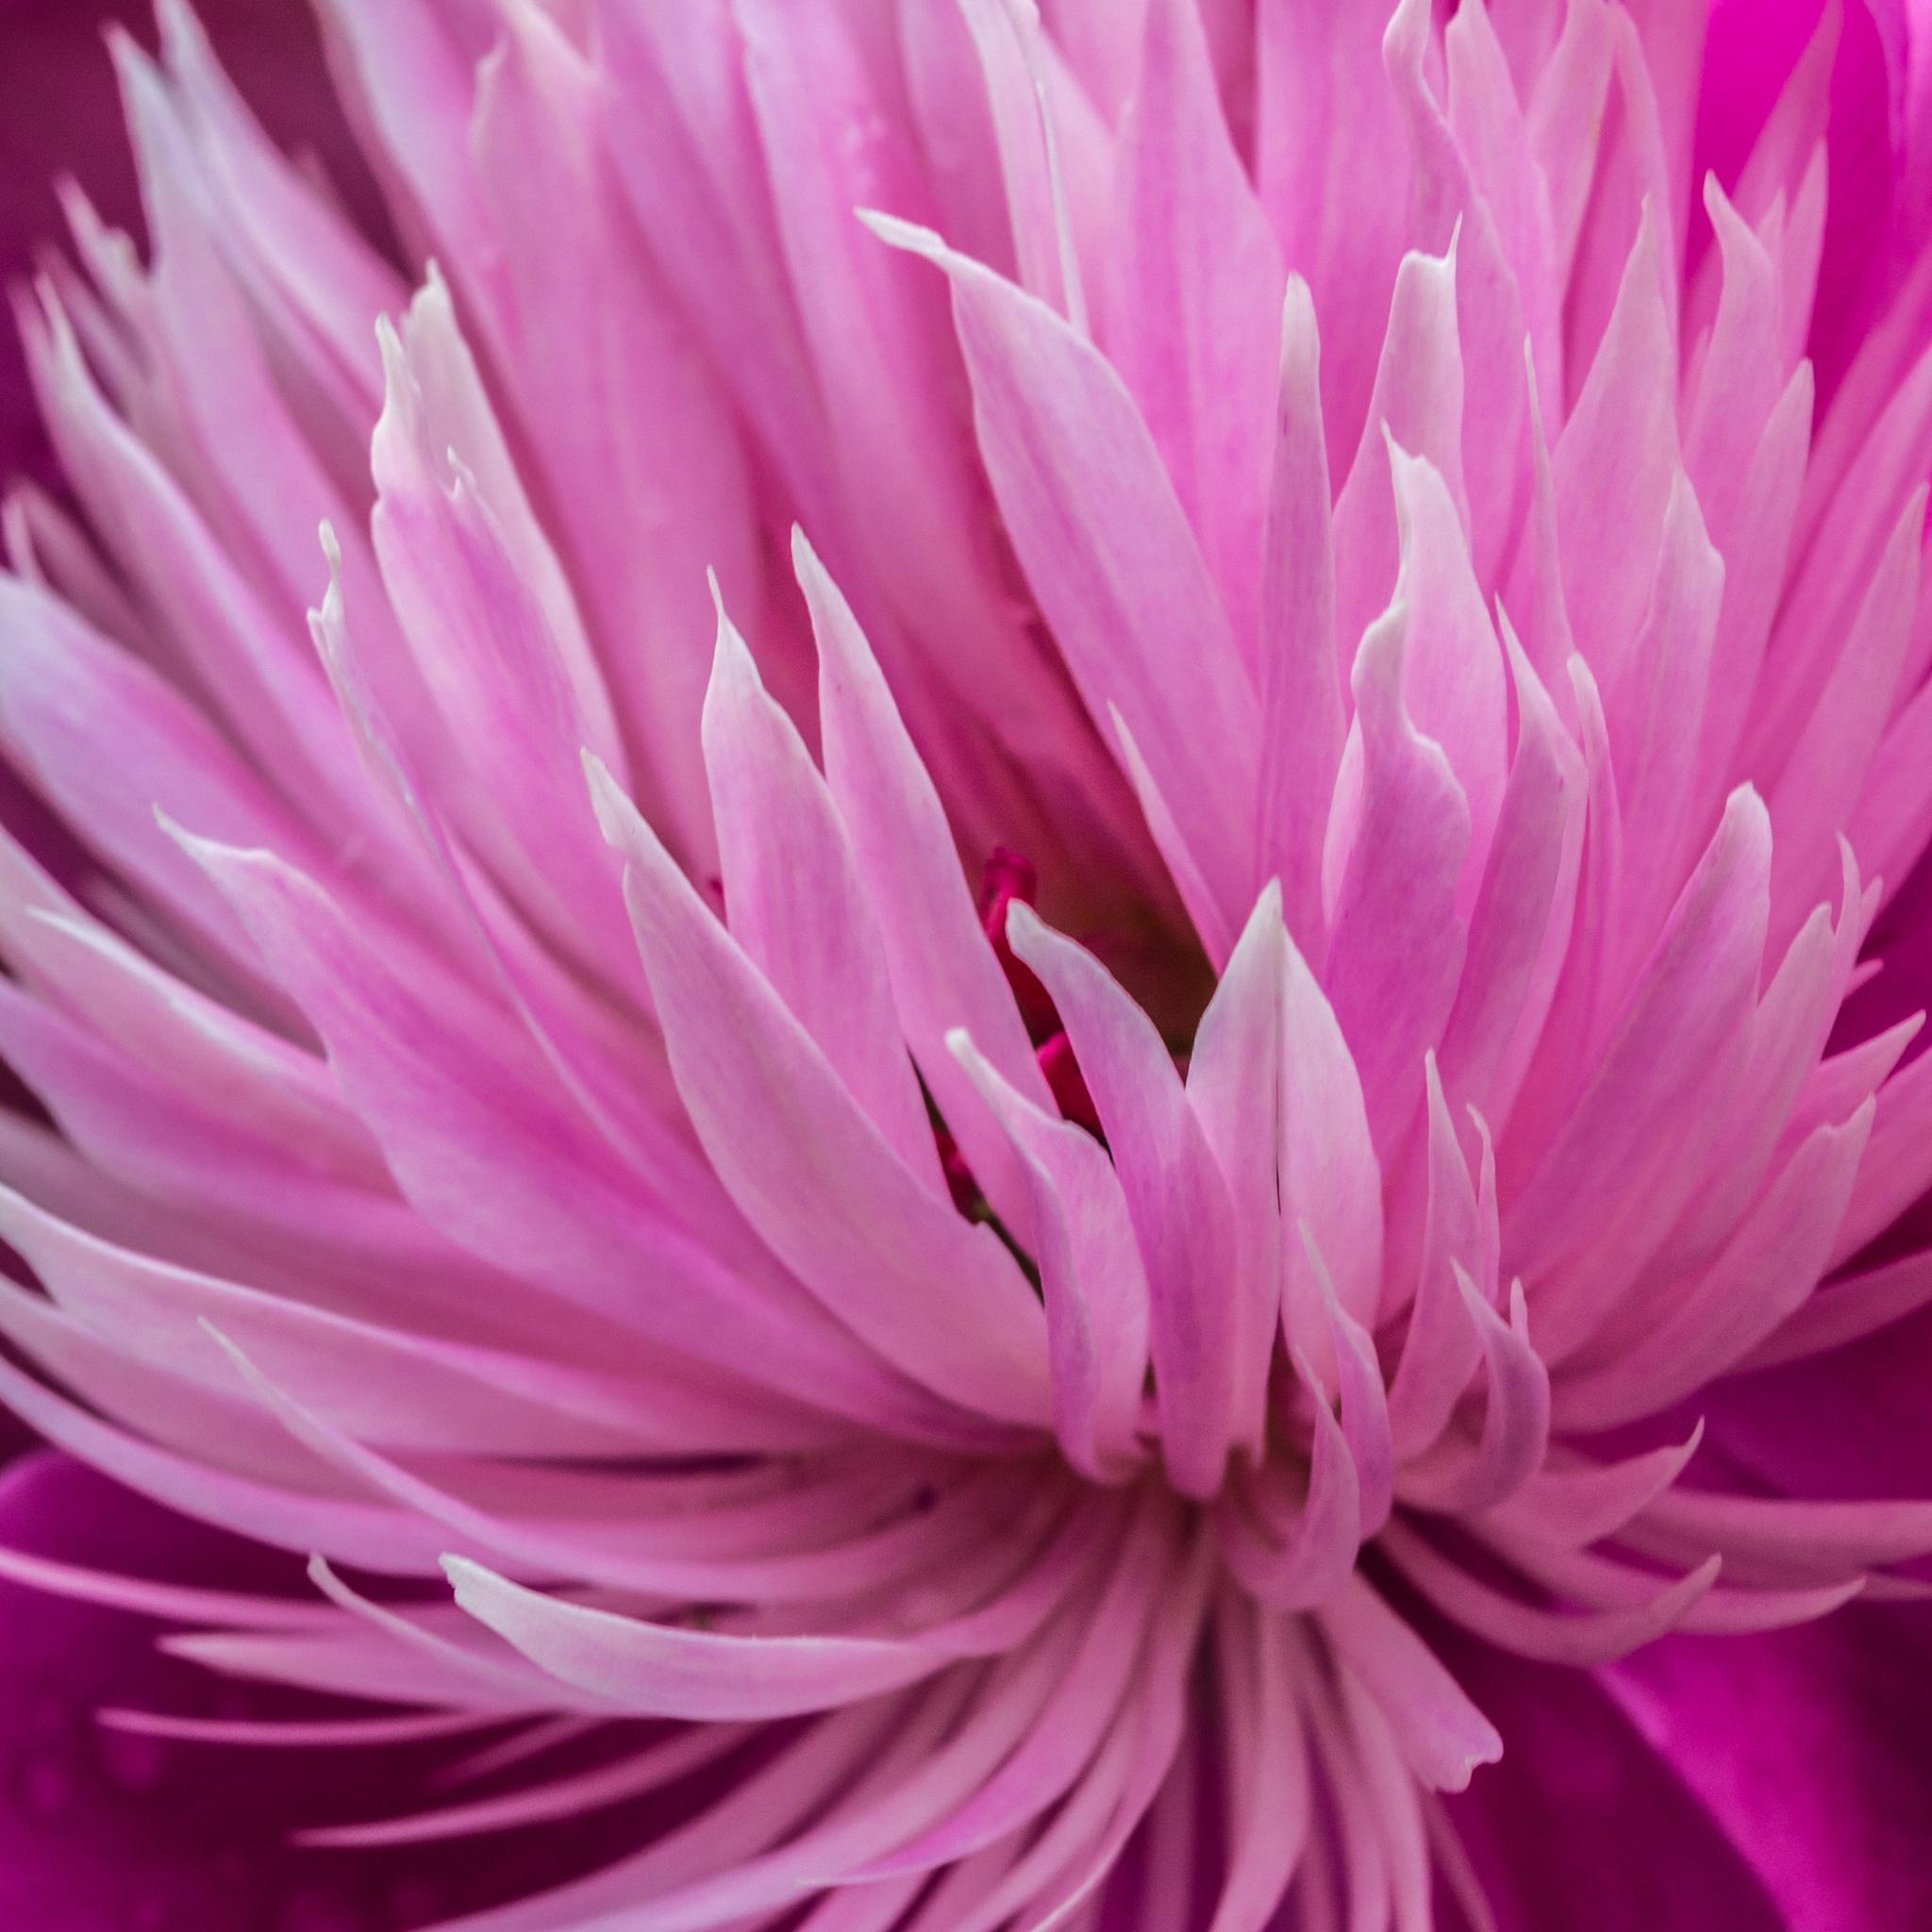 Pink Peony by John Watson